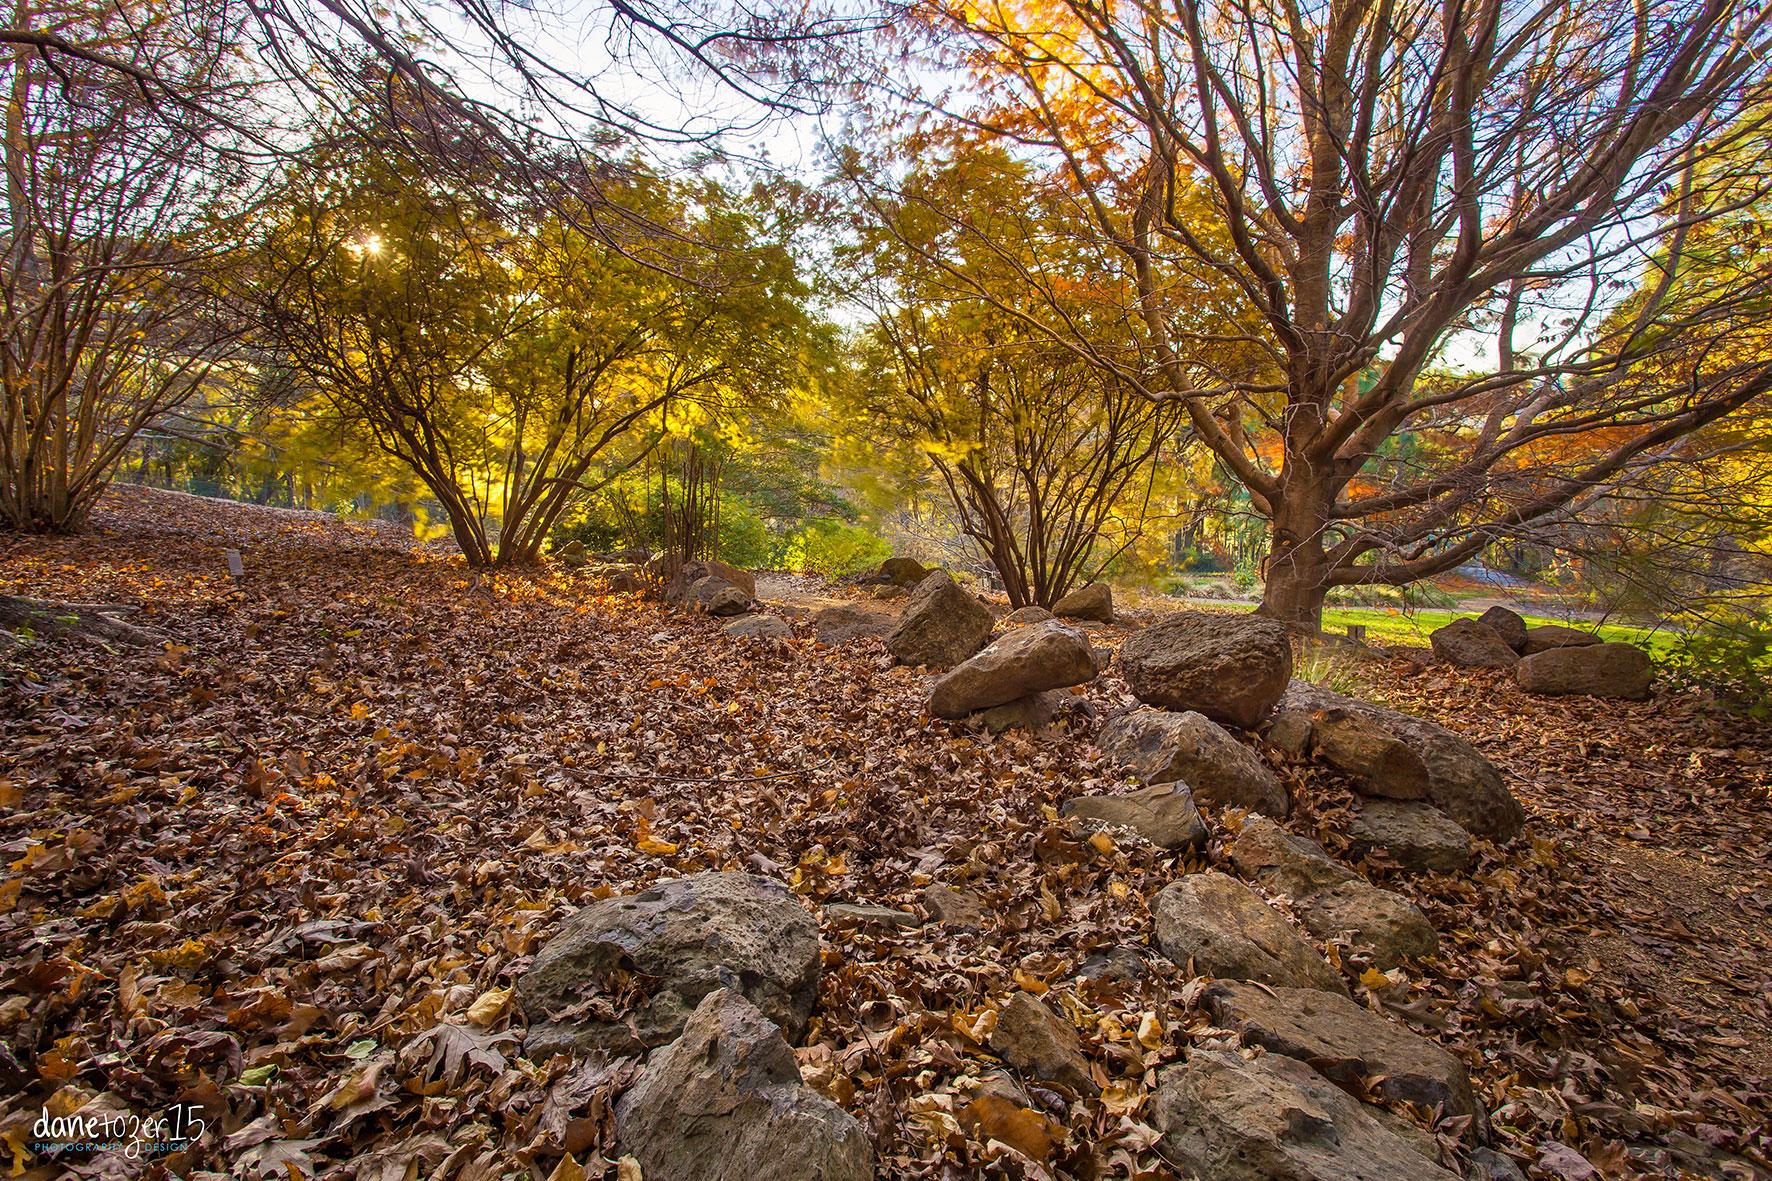 The Blue Mountains Botanic Gardens, Mount Tomah NSW